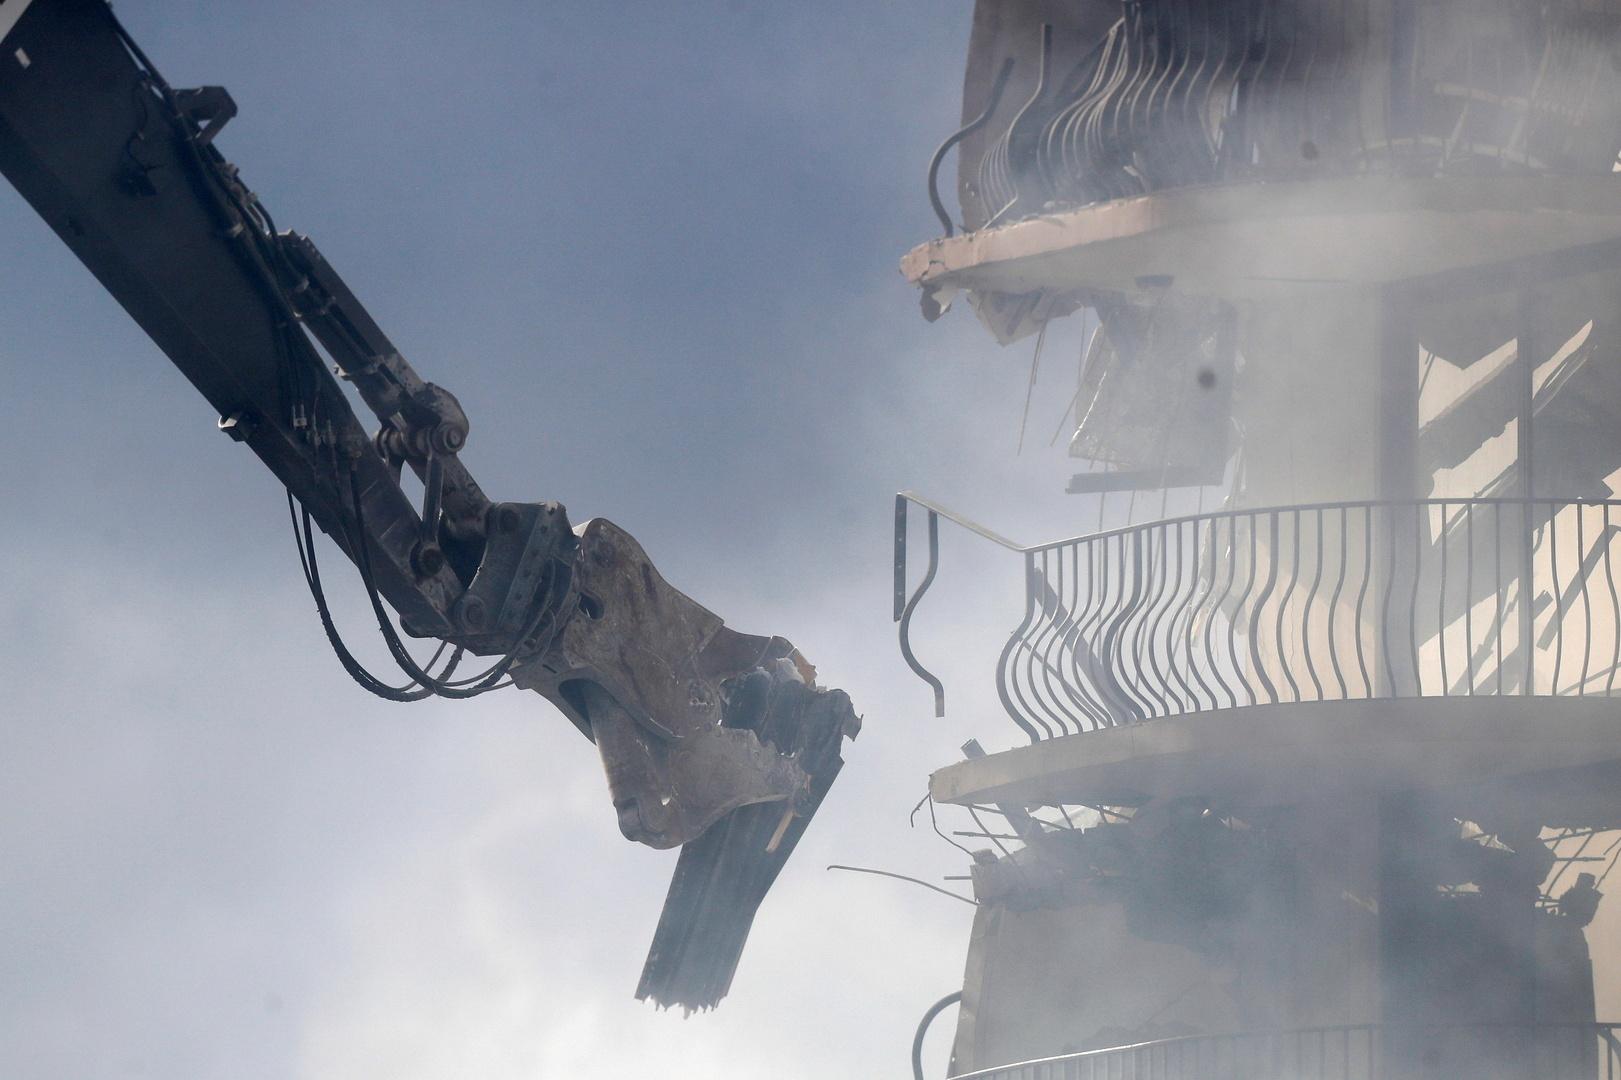 مهندس حذر من أضرار خطيرة بالمبنى في فلوريدا قبل سنوات من انهياره